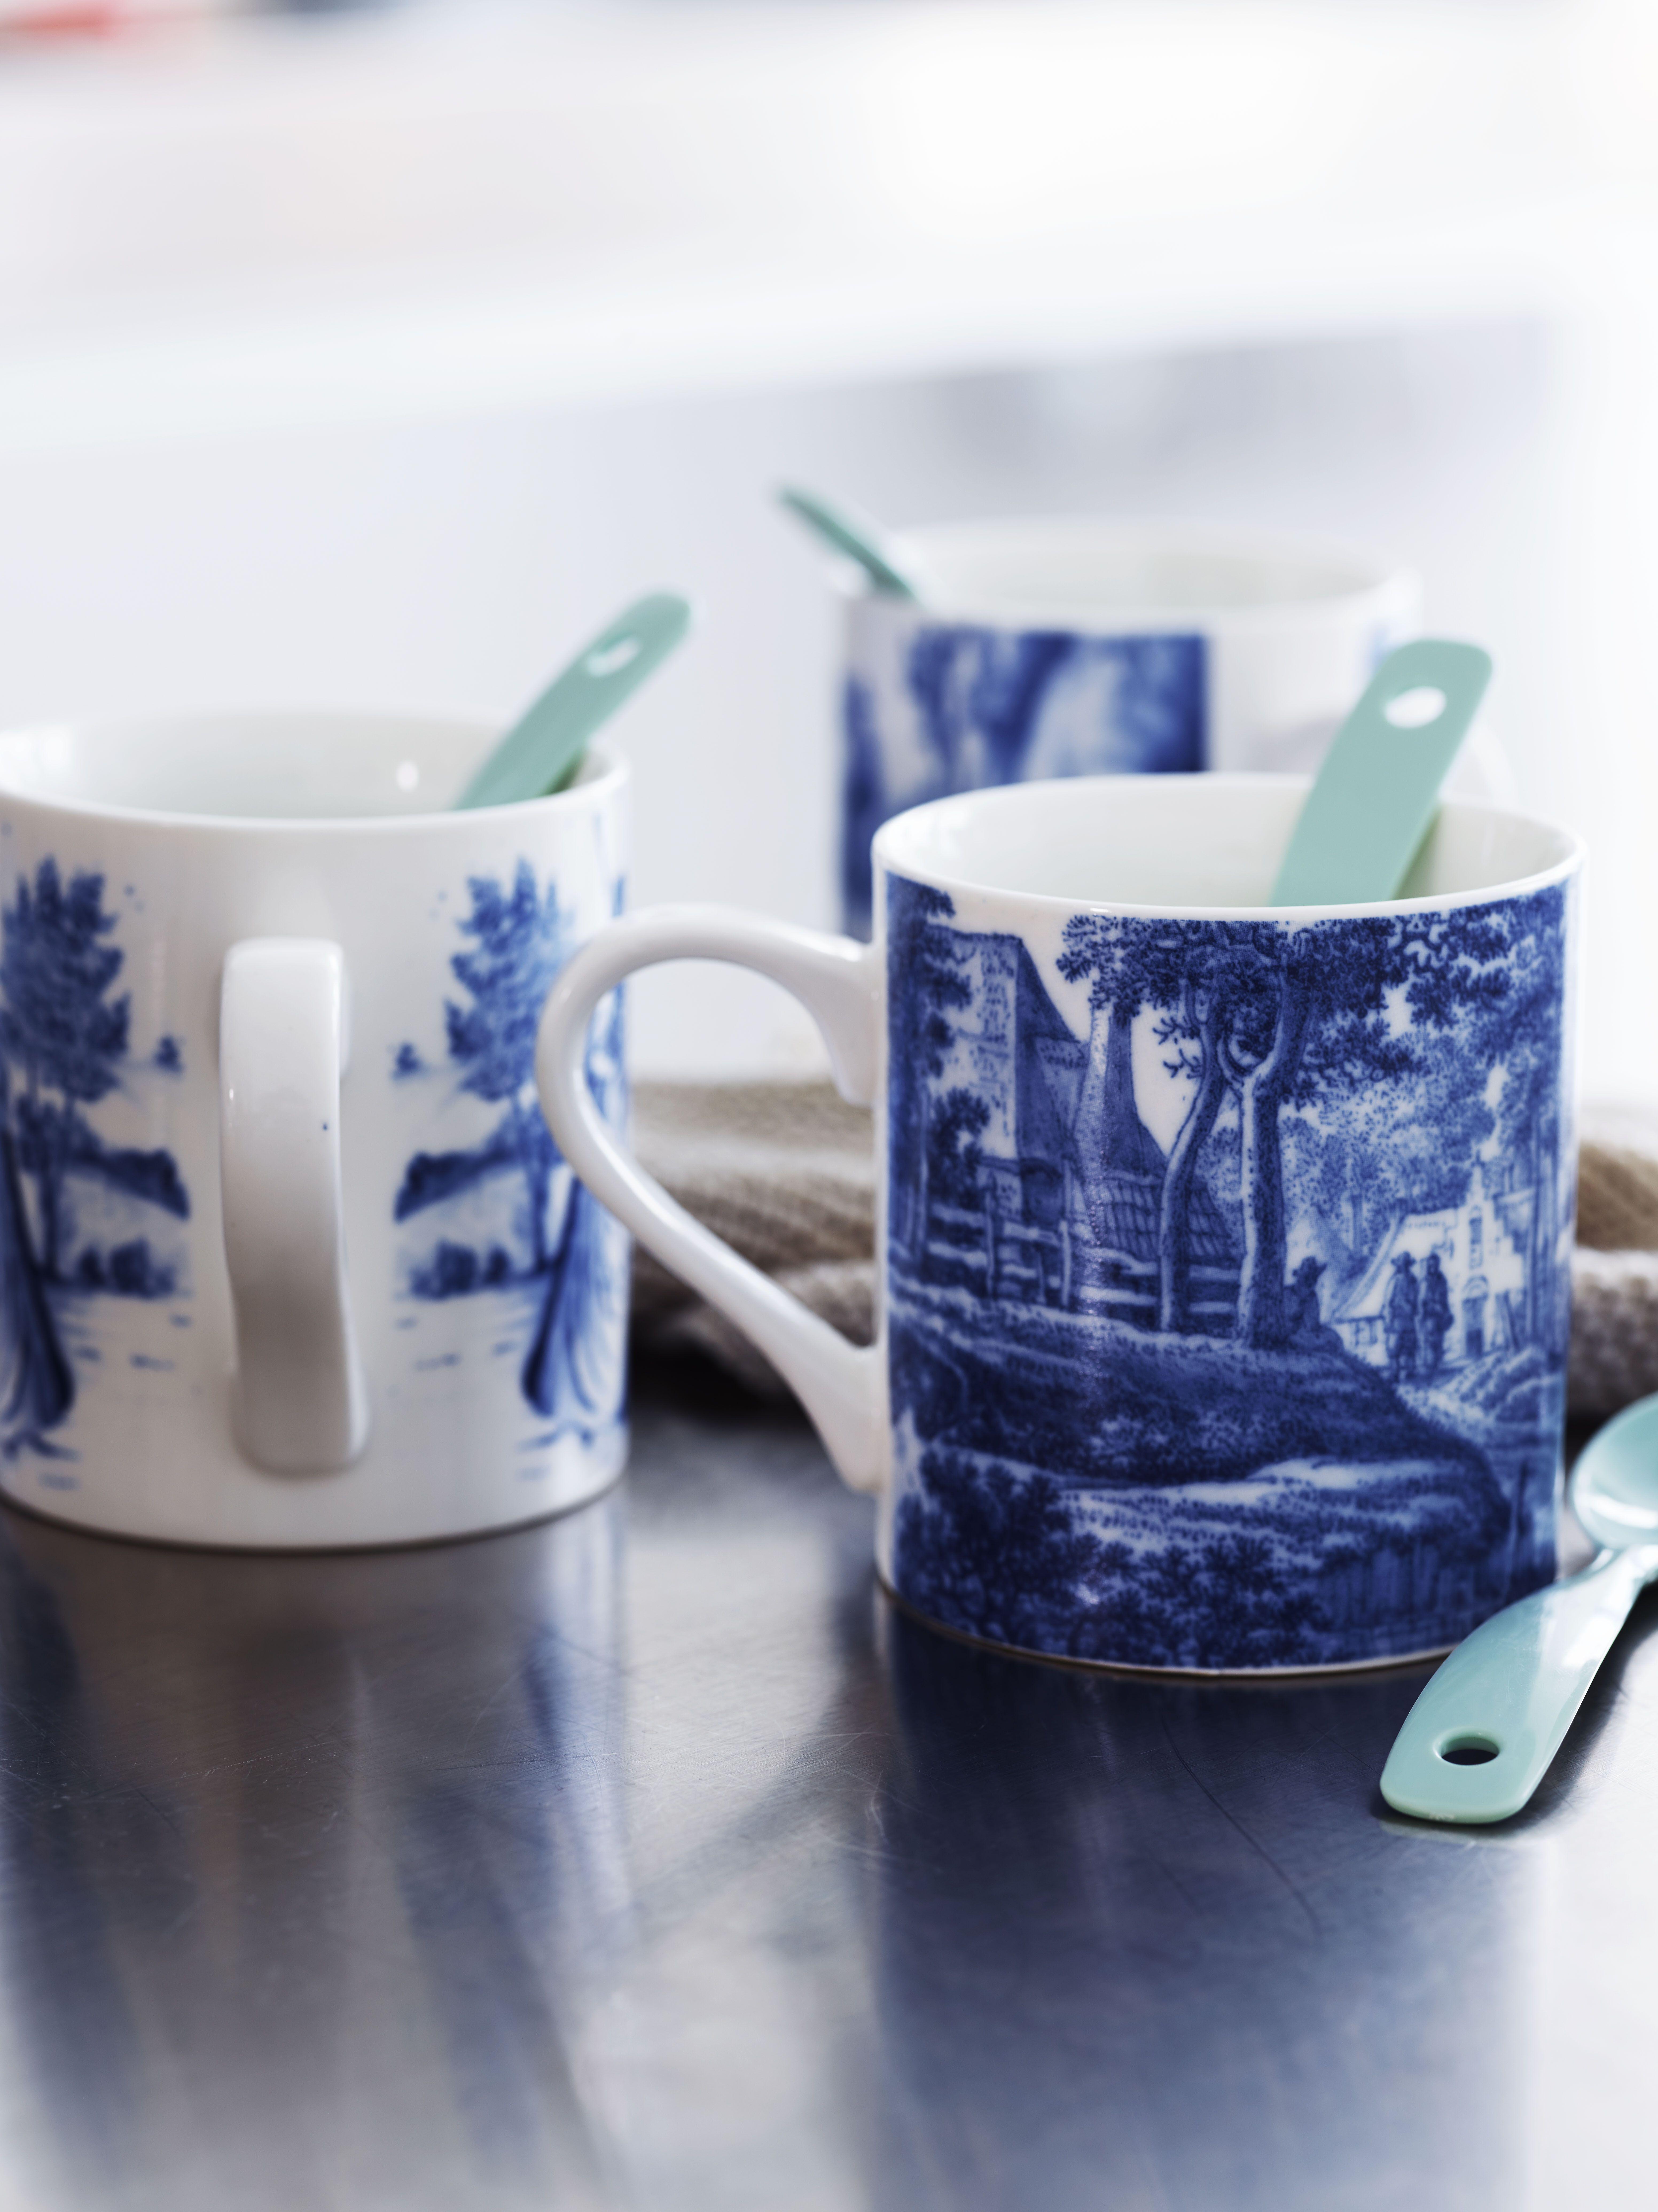 Mokken | Decoratie | Bece #decoratie #wonen #blue #inspiratie